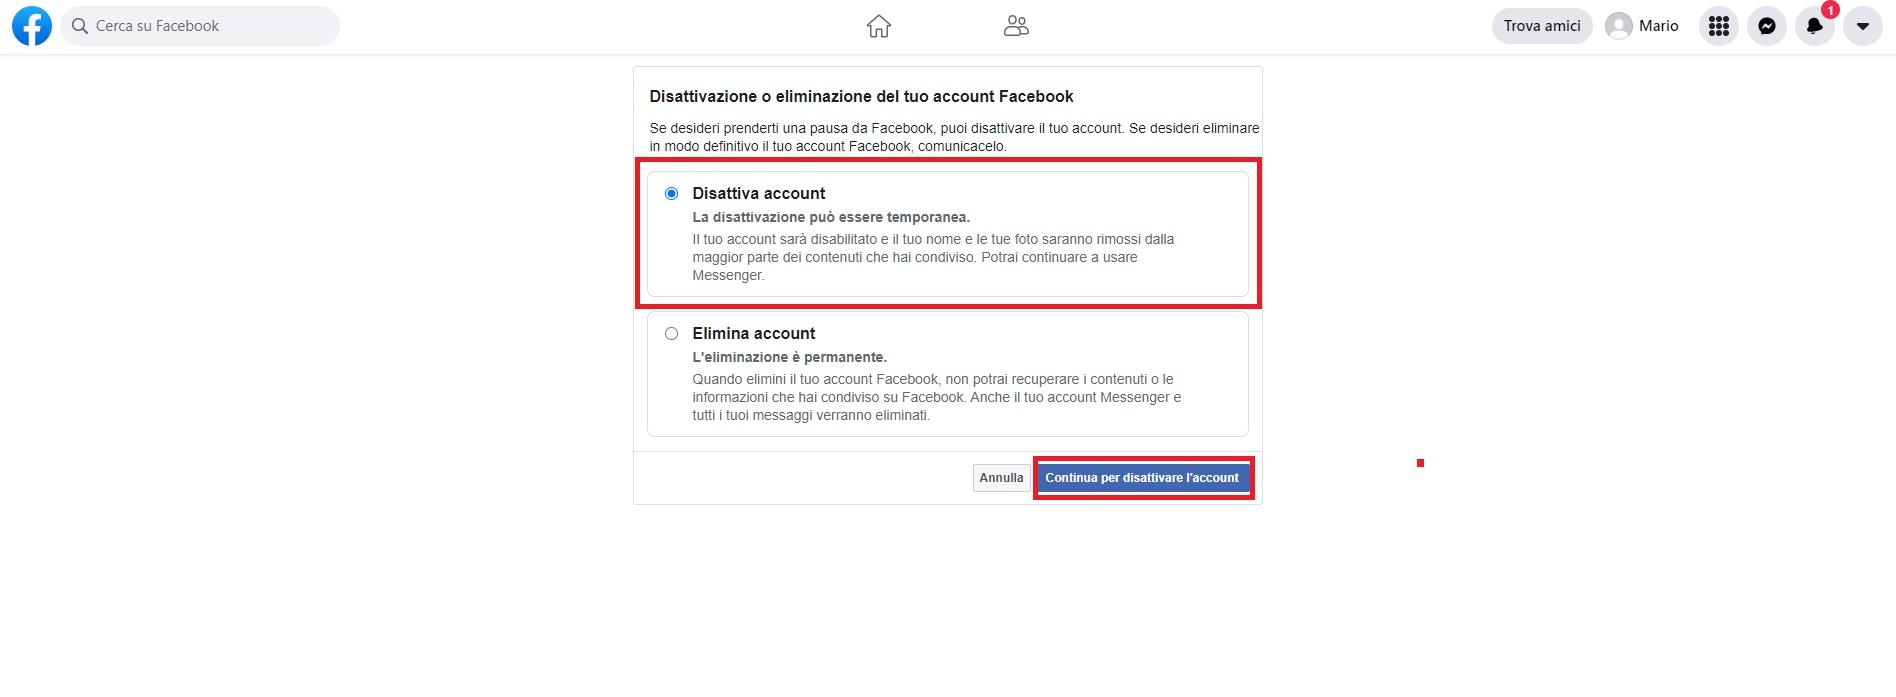 disattivare Facebook temporaneamente